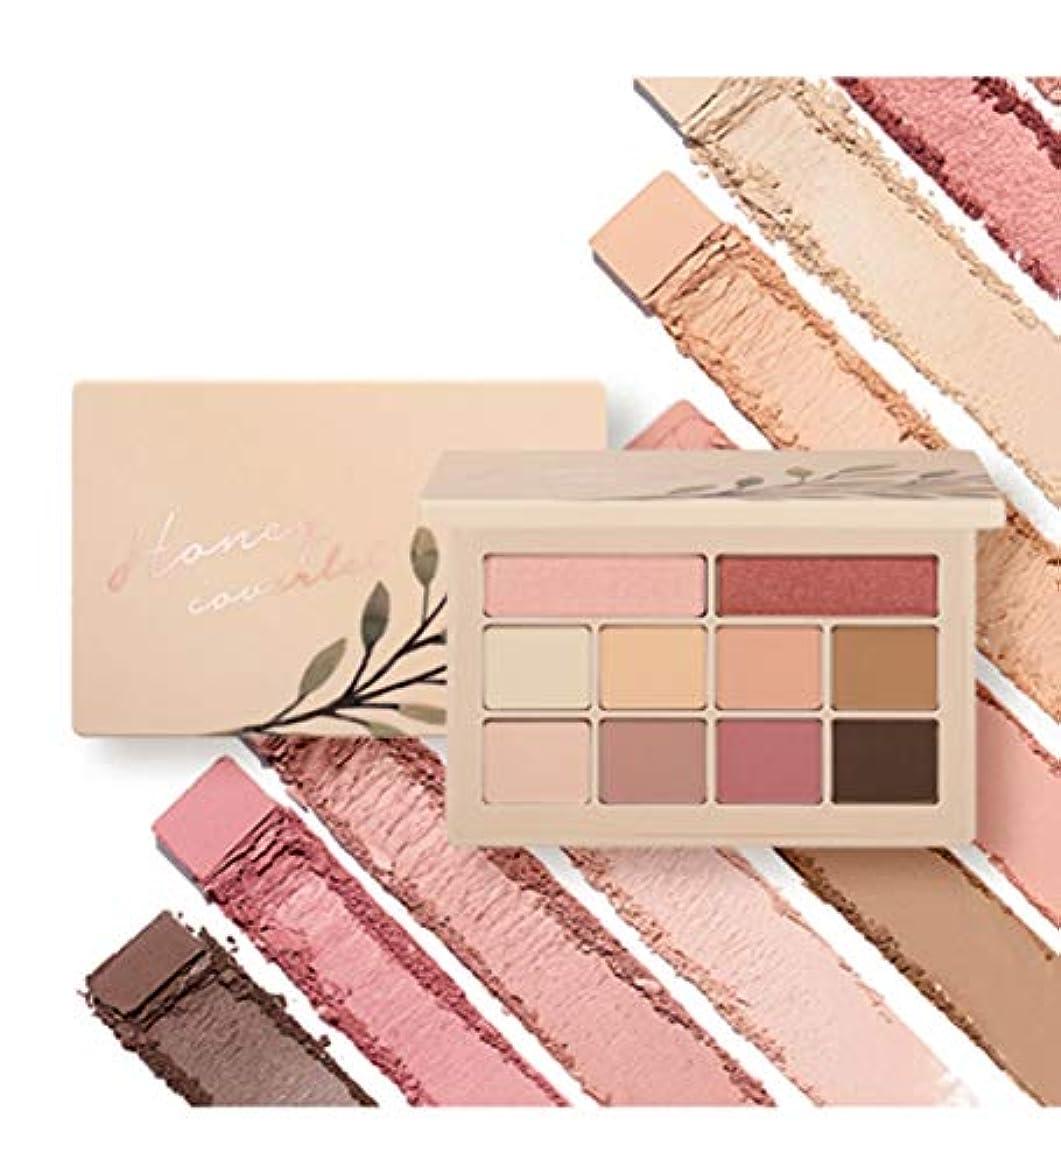 協会爆風日焼けMoonshot Honey Coverlet Eyeshadow Palette YOO IN-NA COLLECTIONwarm tone&cool tone 10色のアイシャドウ(並行輸入品)